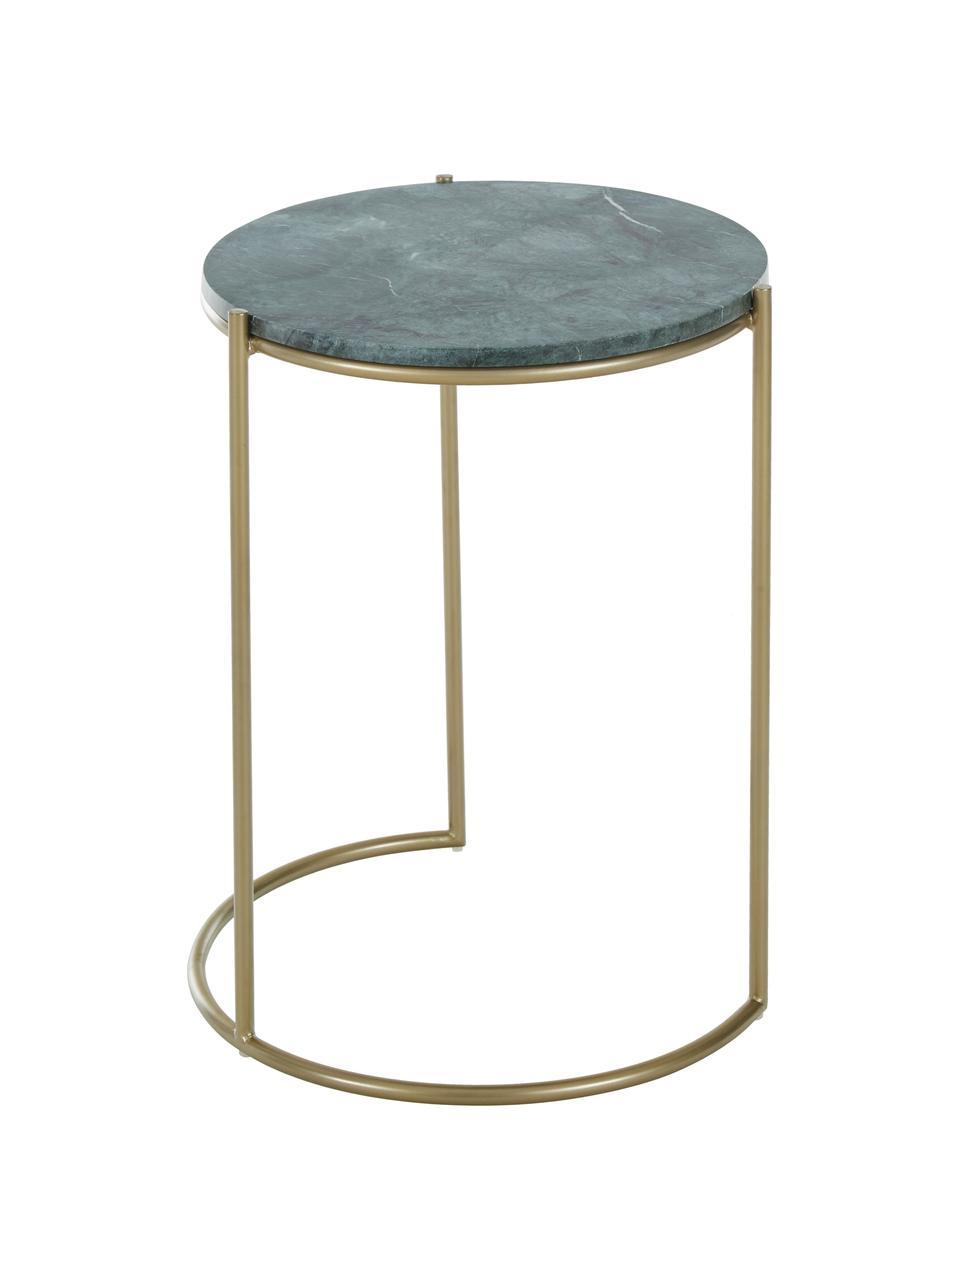 Marmeren bijzettafelset Ella, 2-delig, Frame: gepoedercoat metaal, Tafelbladen: groen marmer. Frame: mat goudkleurig, Set met verschillende formaten